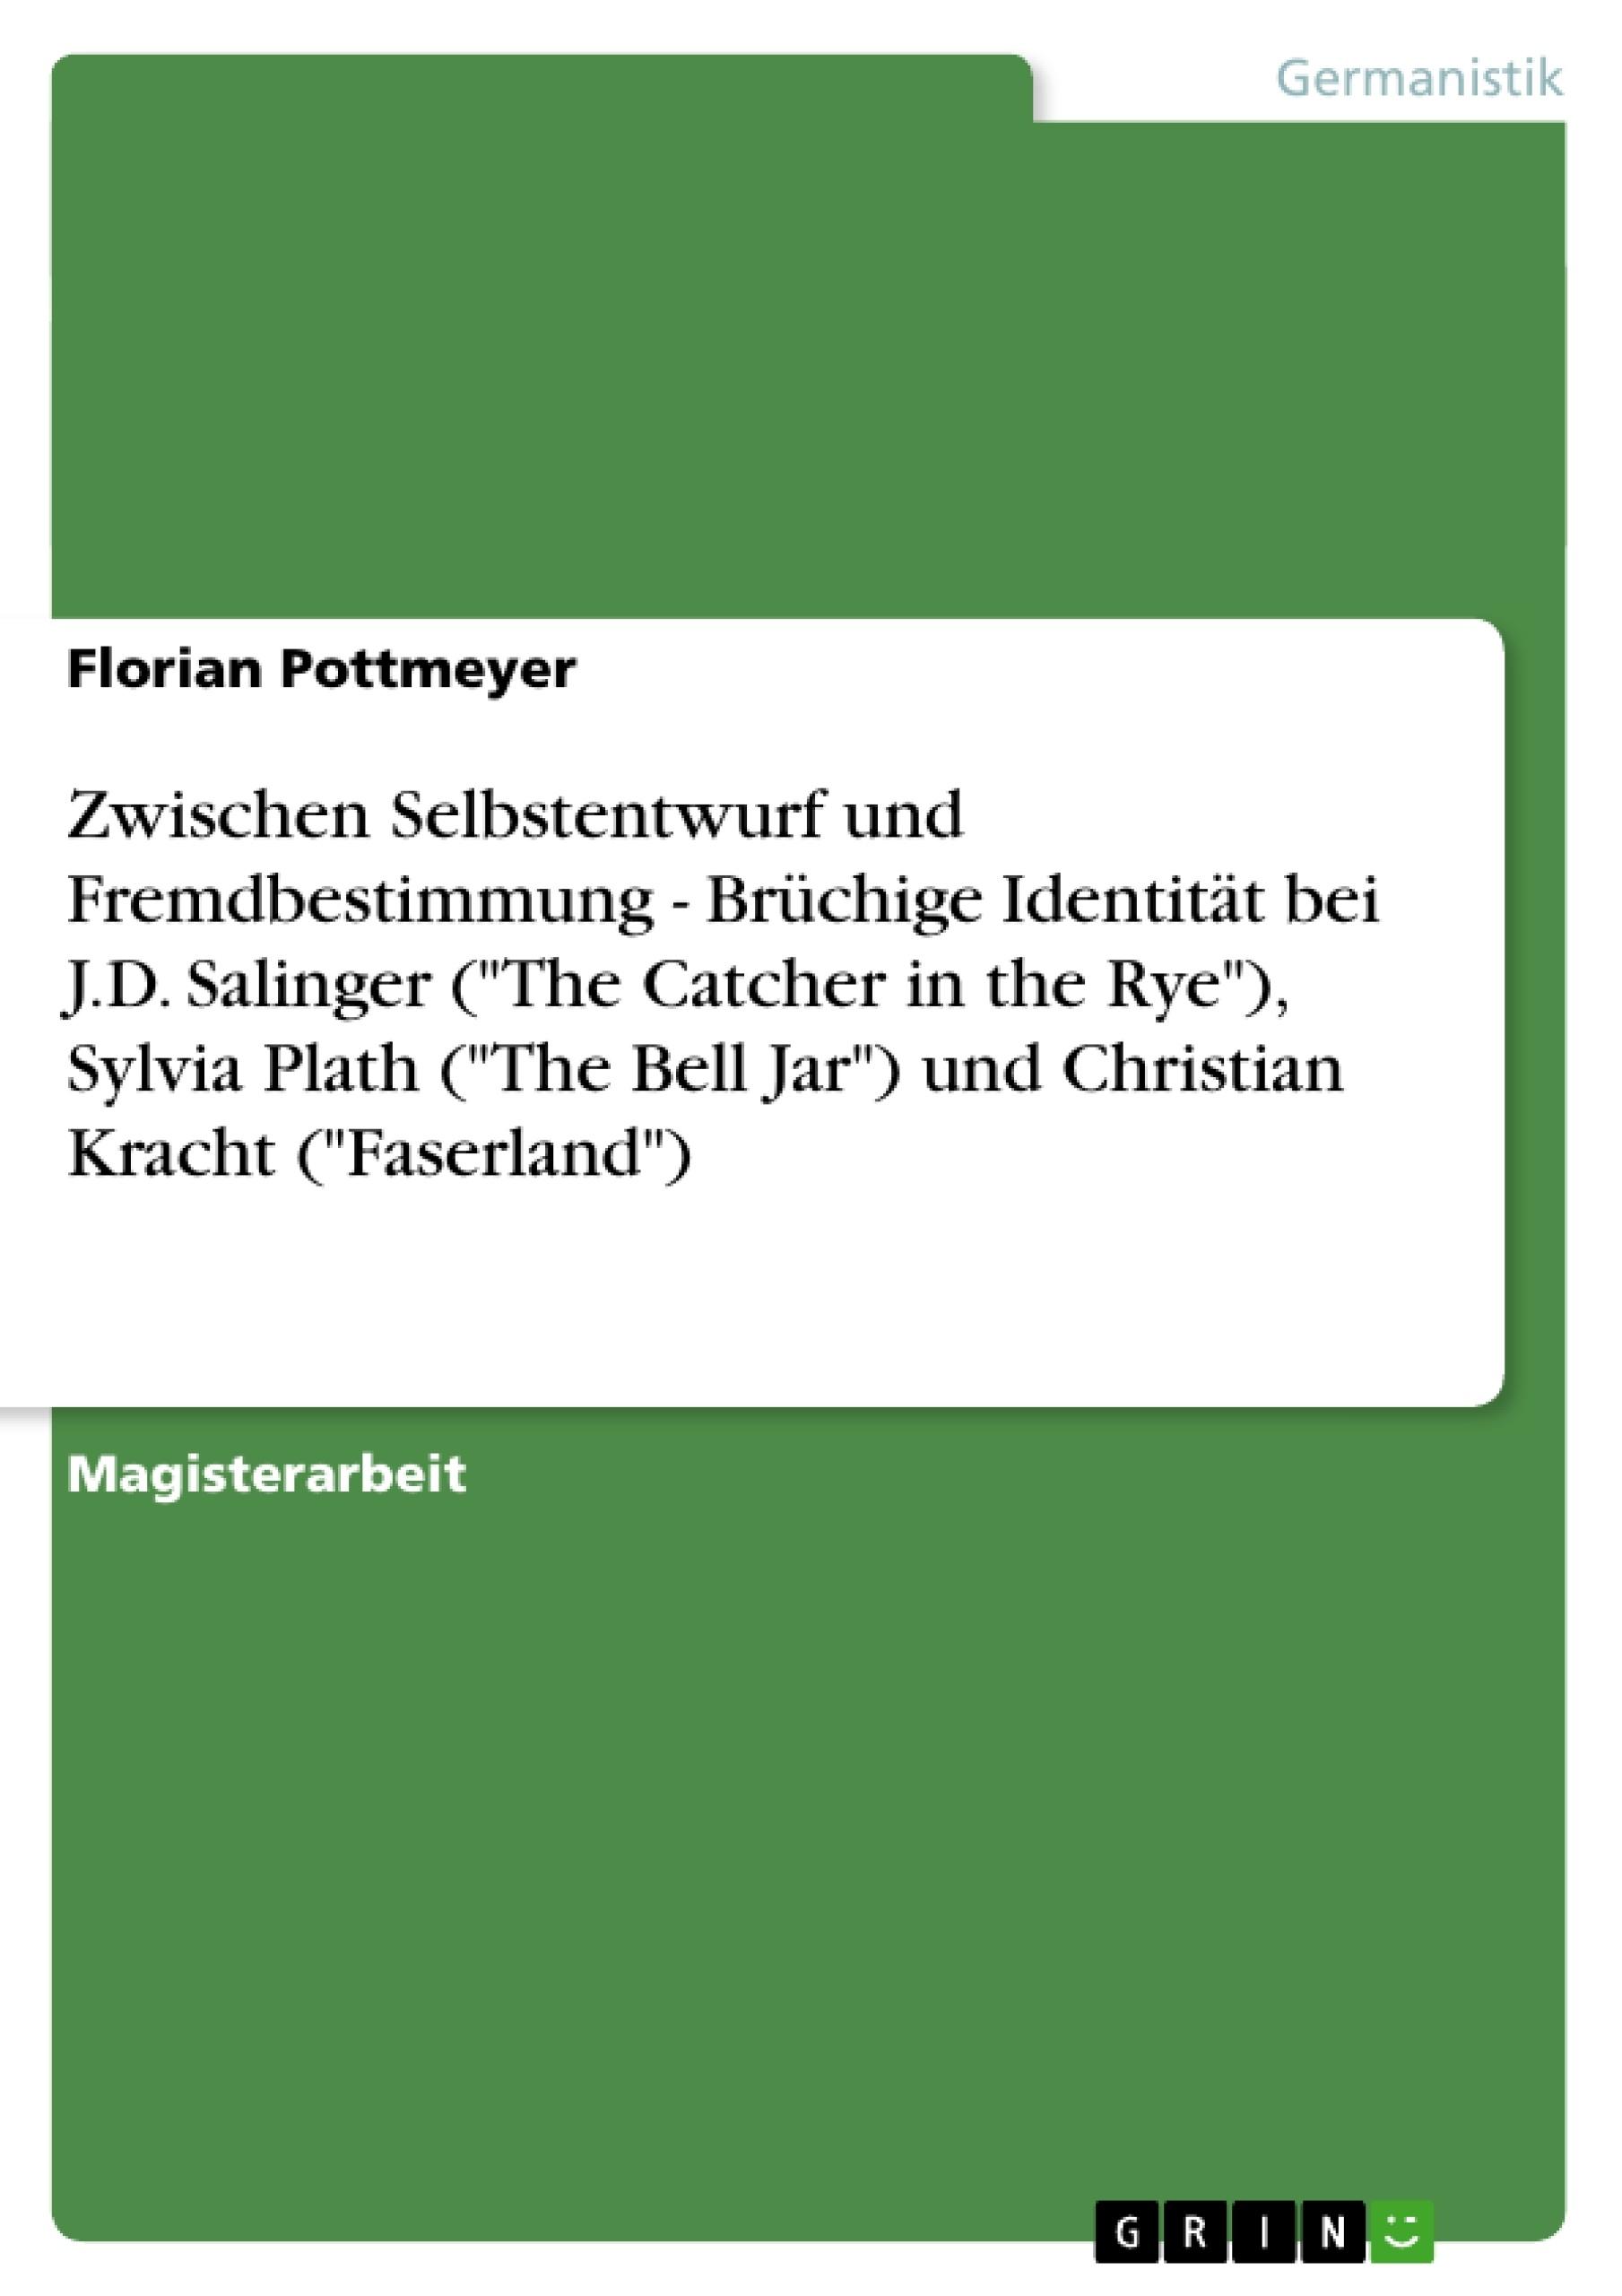 """Titel: Zwischen Selbstentwurf und Fremdbestimmung - Brüchige Identität bei J.D. Salinger (""""The Catcher in the Rye""""), Sylvia Plath (""""The Bell Jar"""") und Christian Kracht (""""Faserland"""")"""